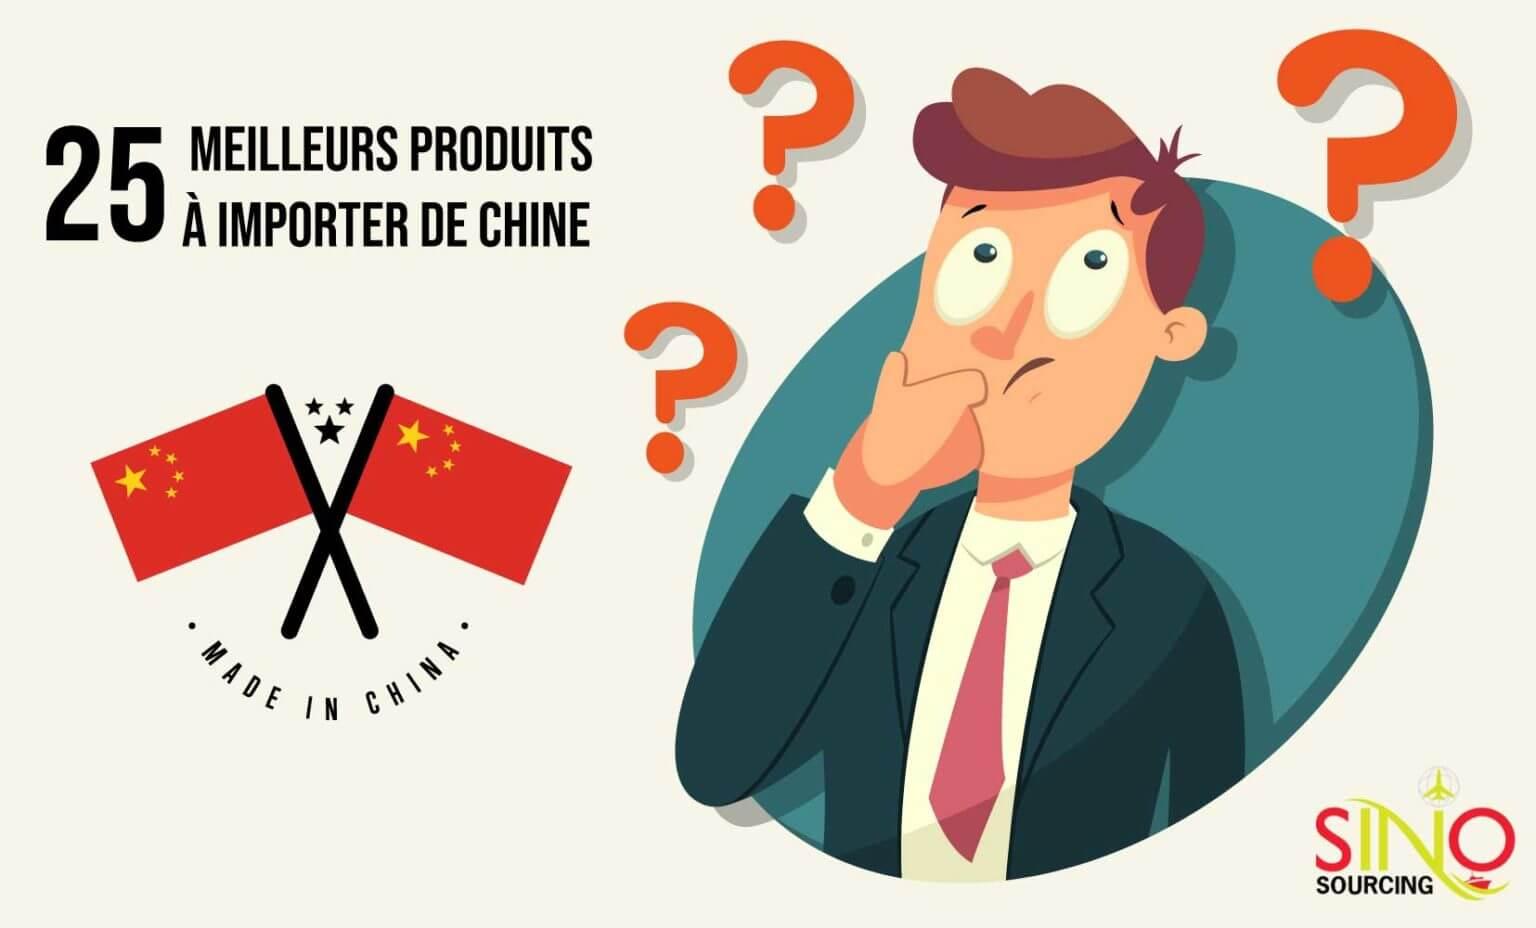 Meilleurs-produits-importer-chine